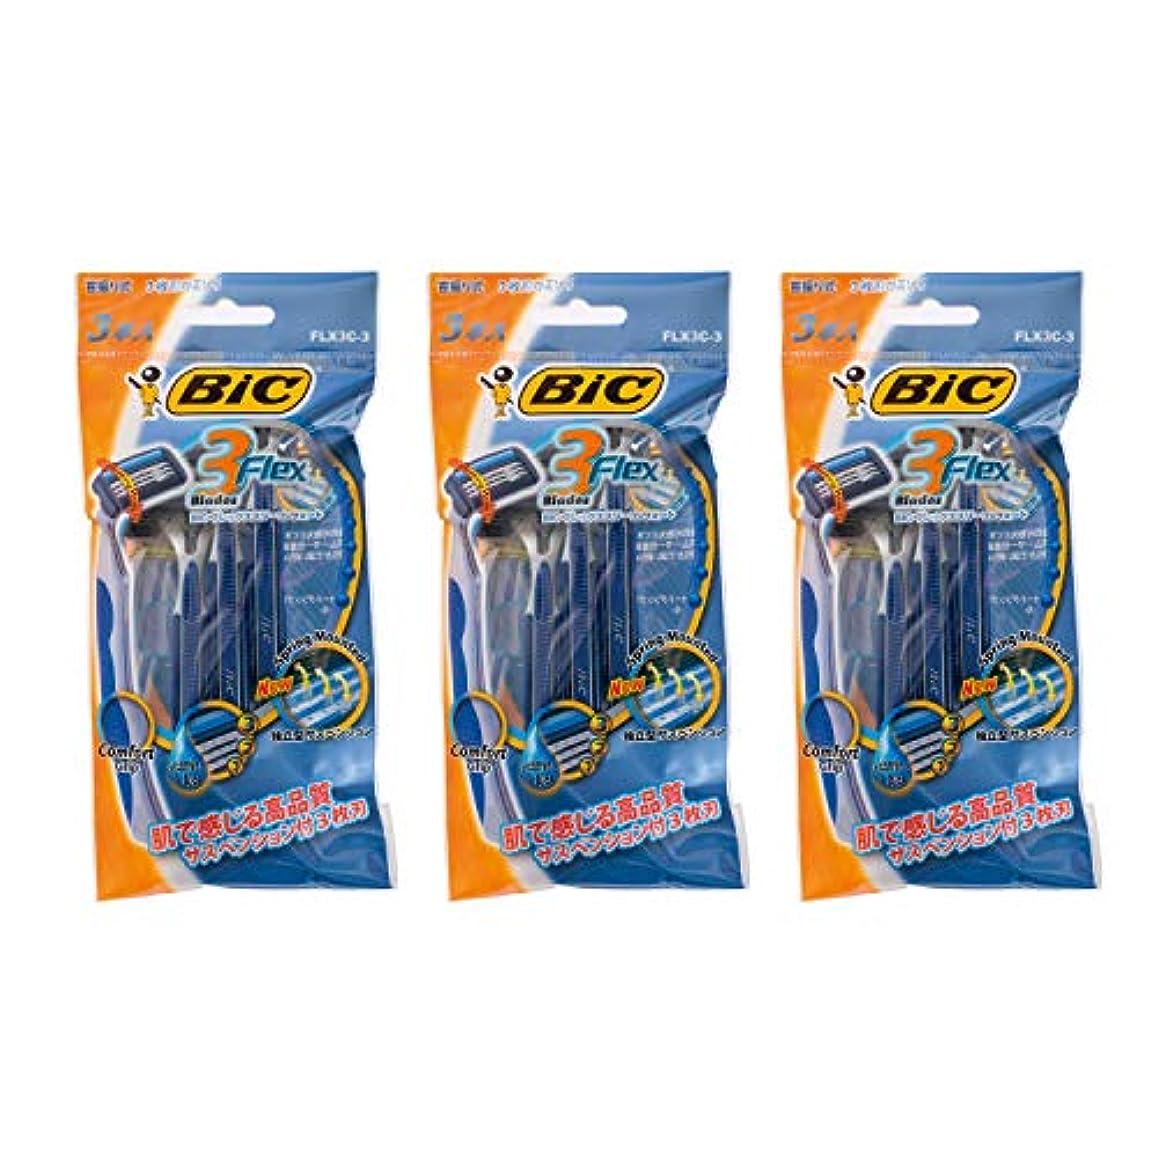 長々と同じにやにやビック BIC フレックス3 コンフォート3本入 x 3パック(9本) FLEX3 3枚刃 使い捨てカミソリ 首振り サスペンション ディスポ